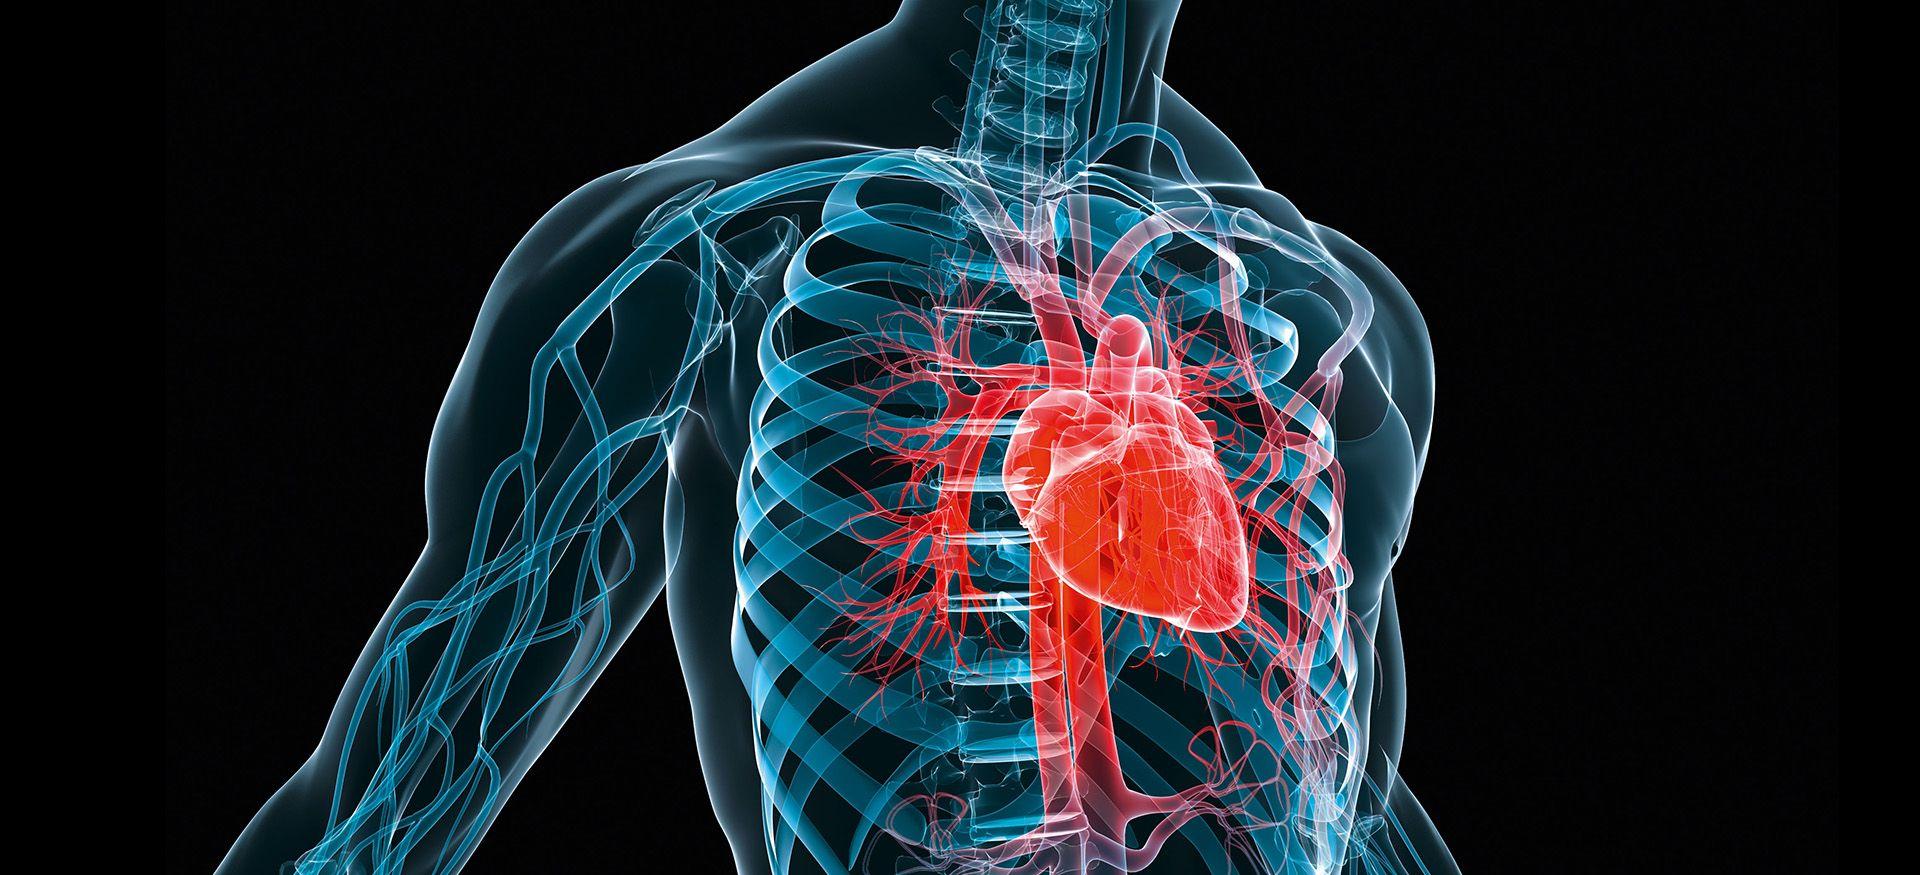 Herz-, Thorax- und Gefäßchirurgie